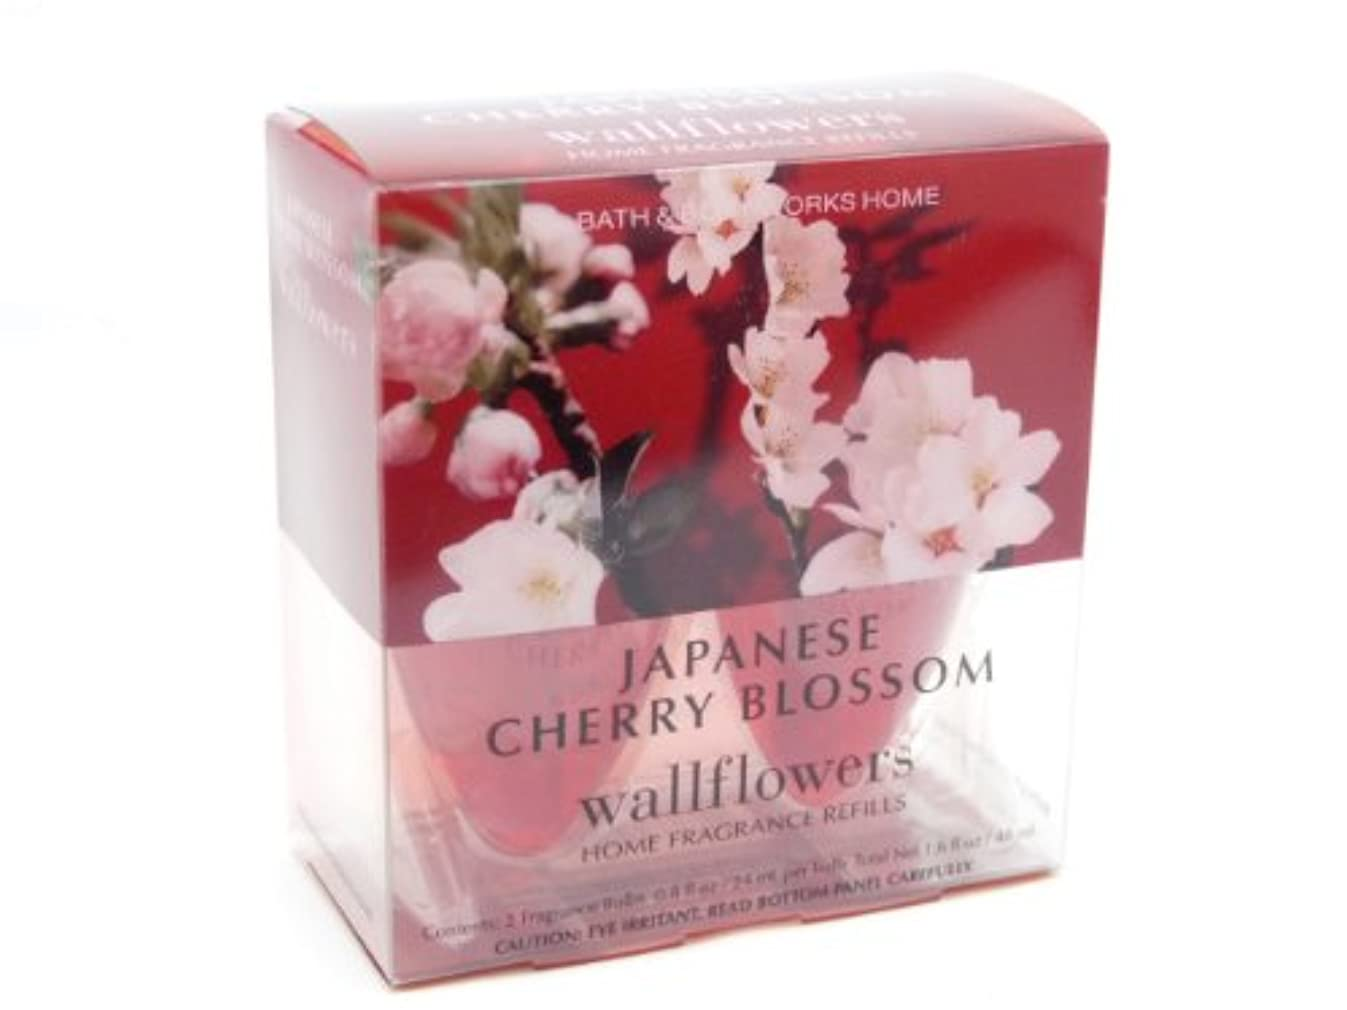 カルシウム私たち自身レガシー[Bath&Body Works] [バス&ボディワークス] New ジャパニーズ チェリーブラッサム リフィル ルームフレグランス 2本入り Wall Flowers Japanese Cherry Blossom Refill